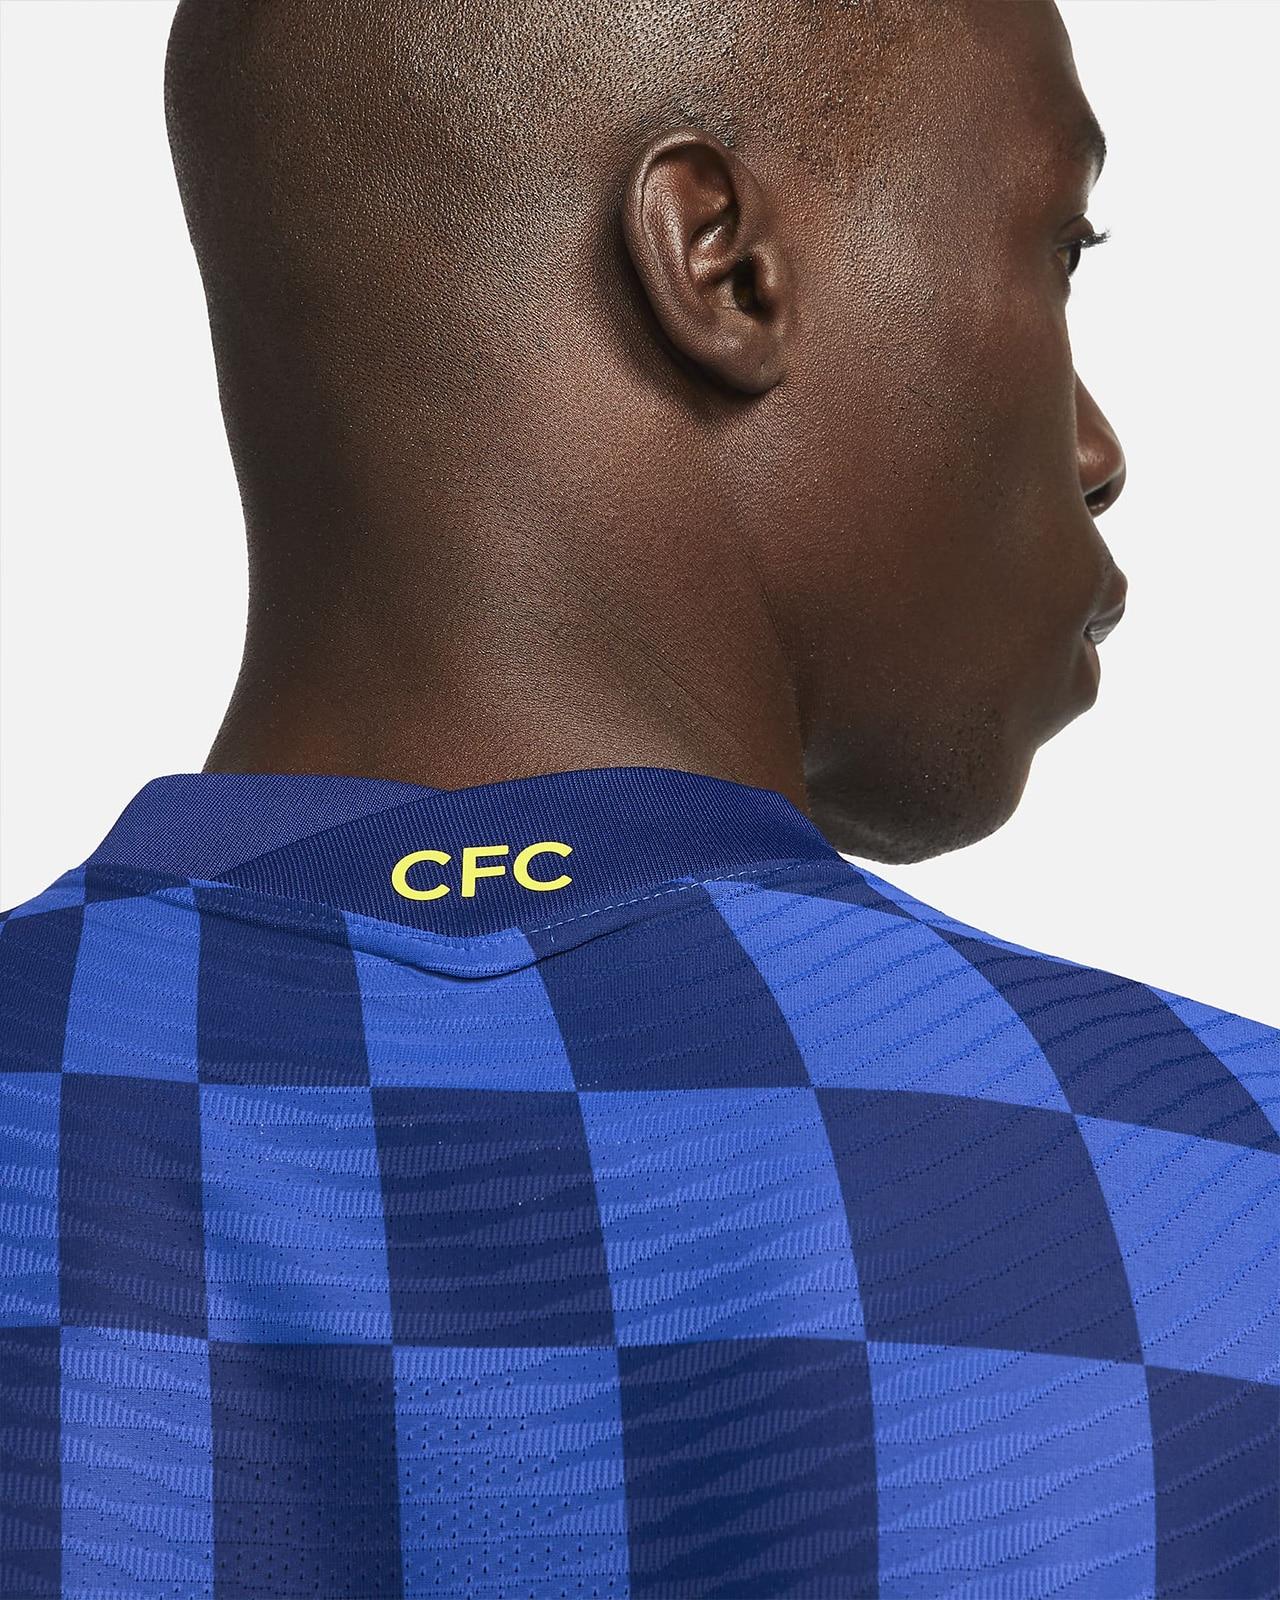 Аббревиатура CFC